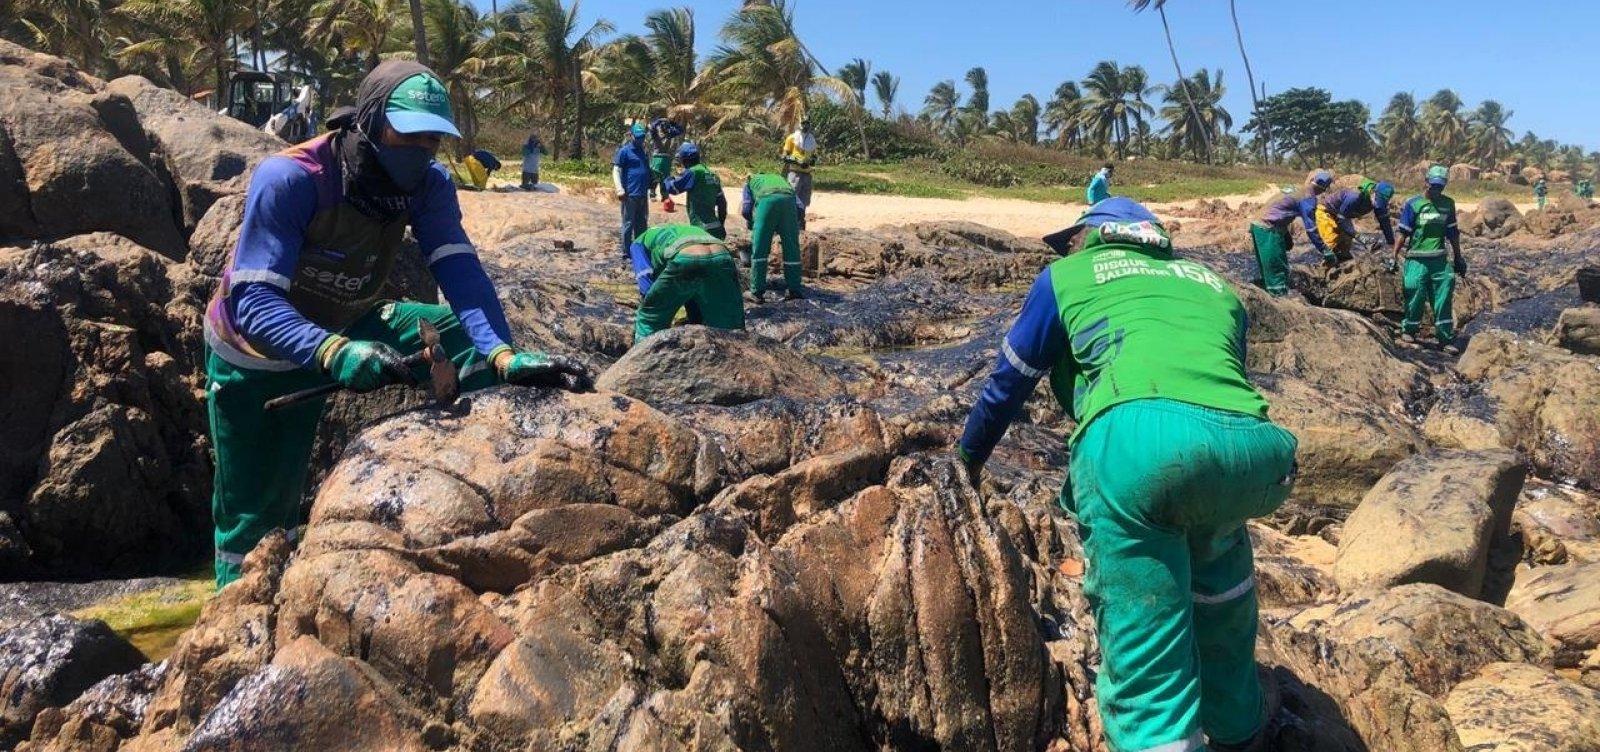 Especialistas reclamam de falta de transparência na apuração de vazamento de óleo